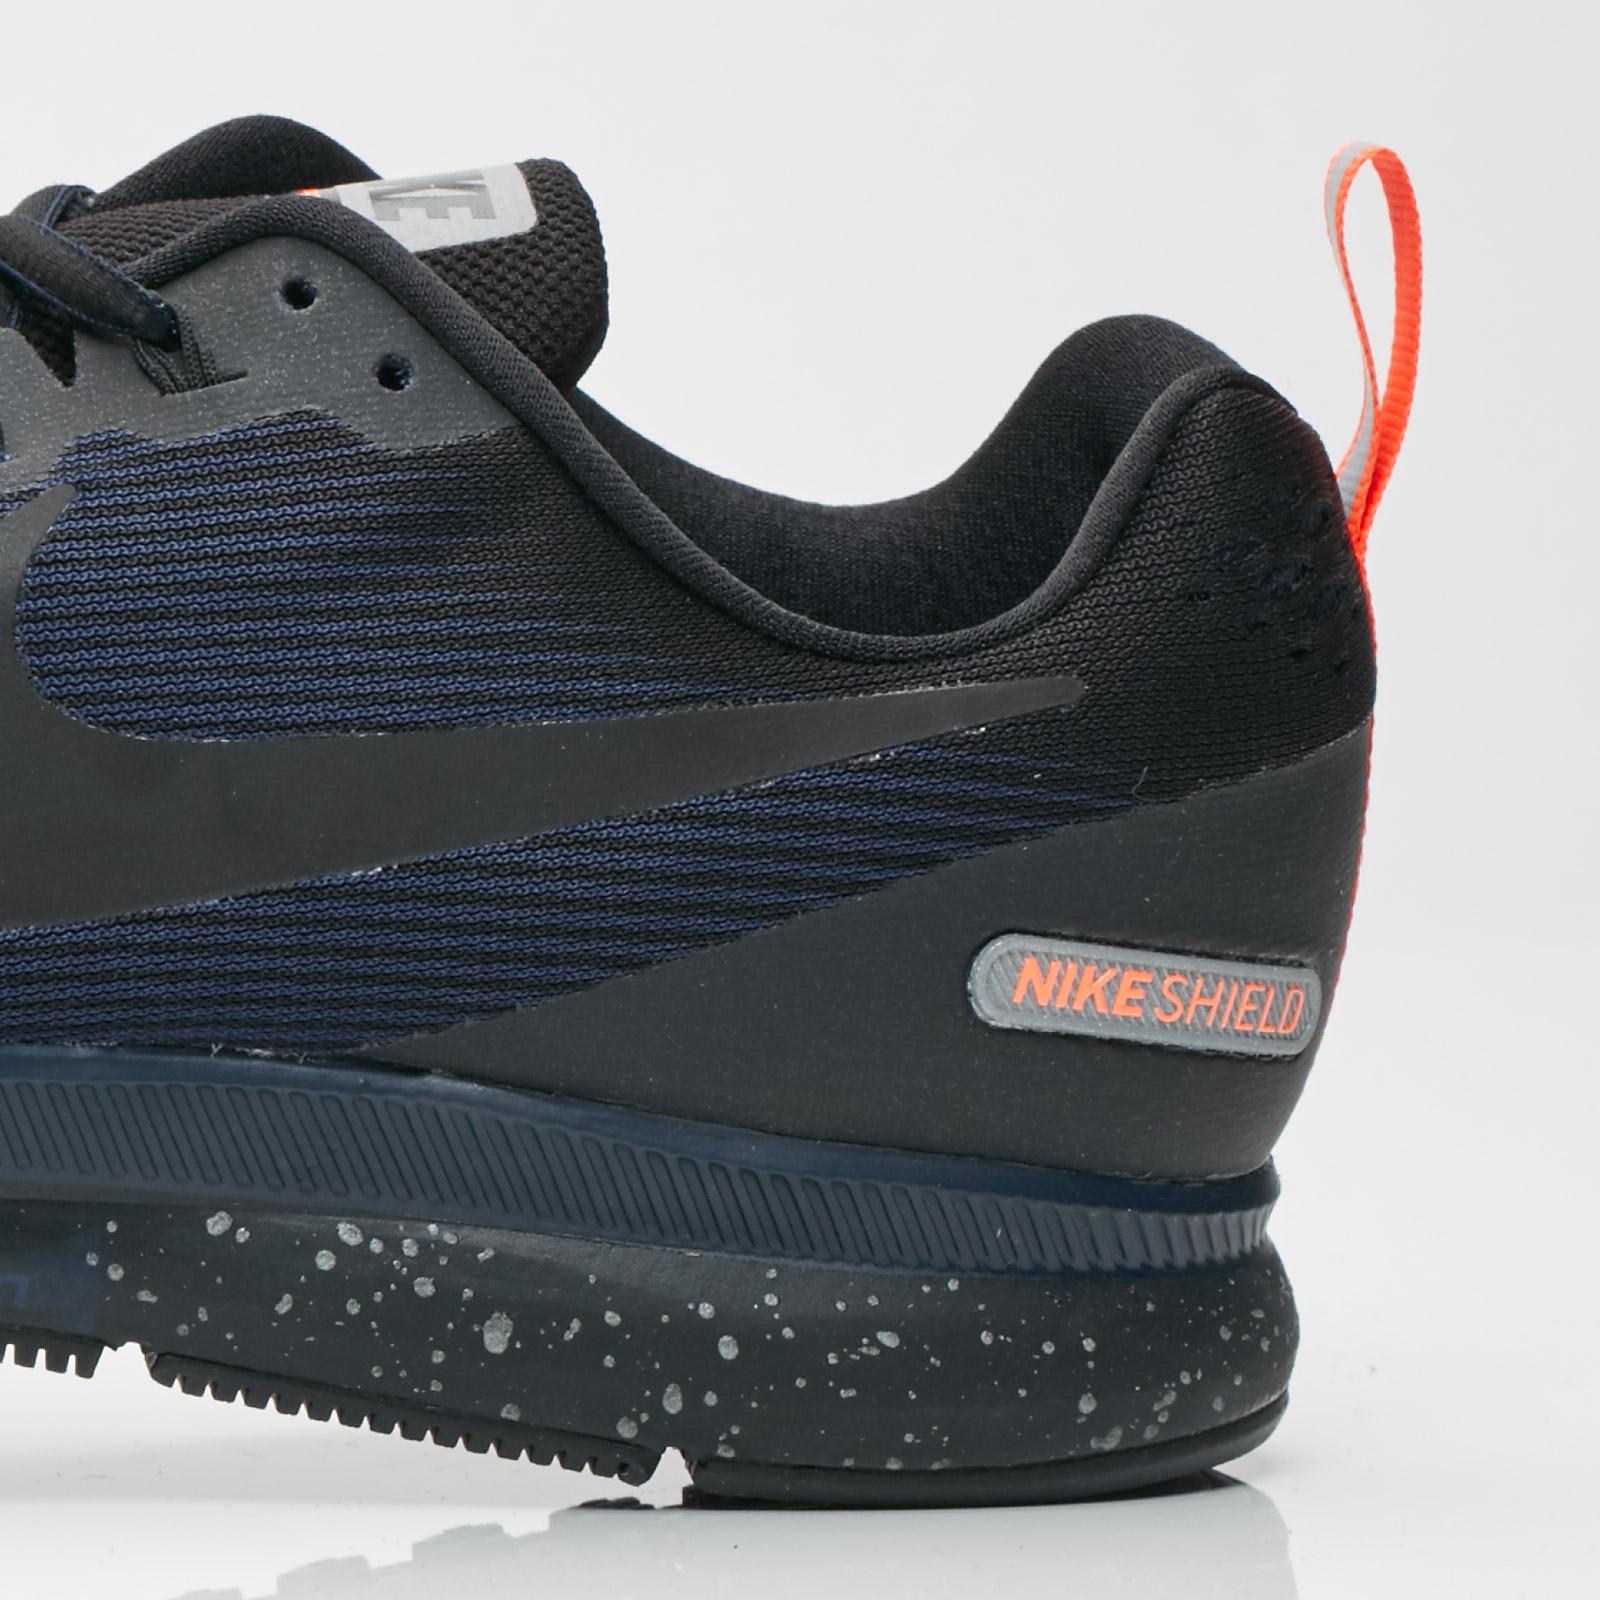 5438904ecd764 Nike Air Zoom Pegasus 34 Shield - 907327-001 - Sneakersnstuff ...